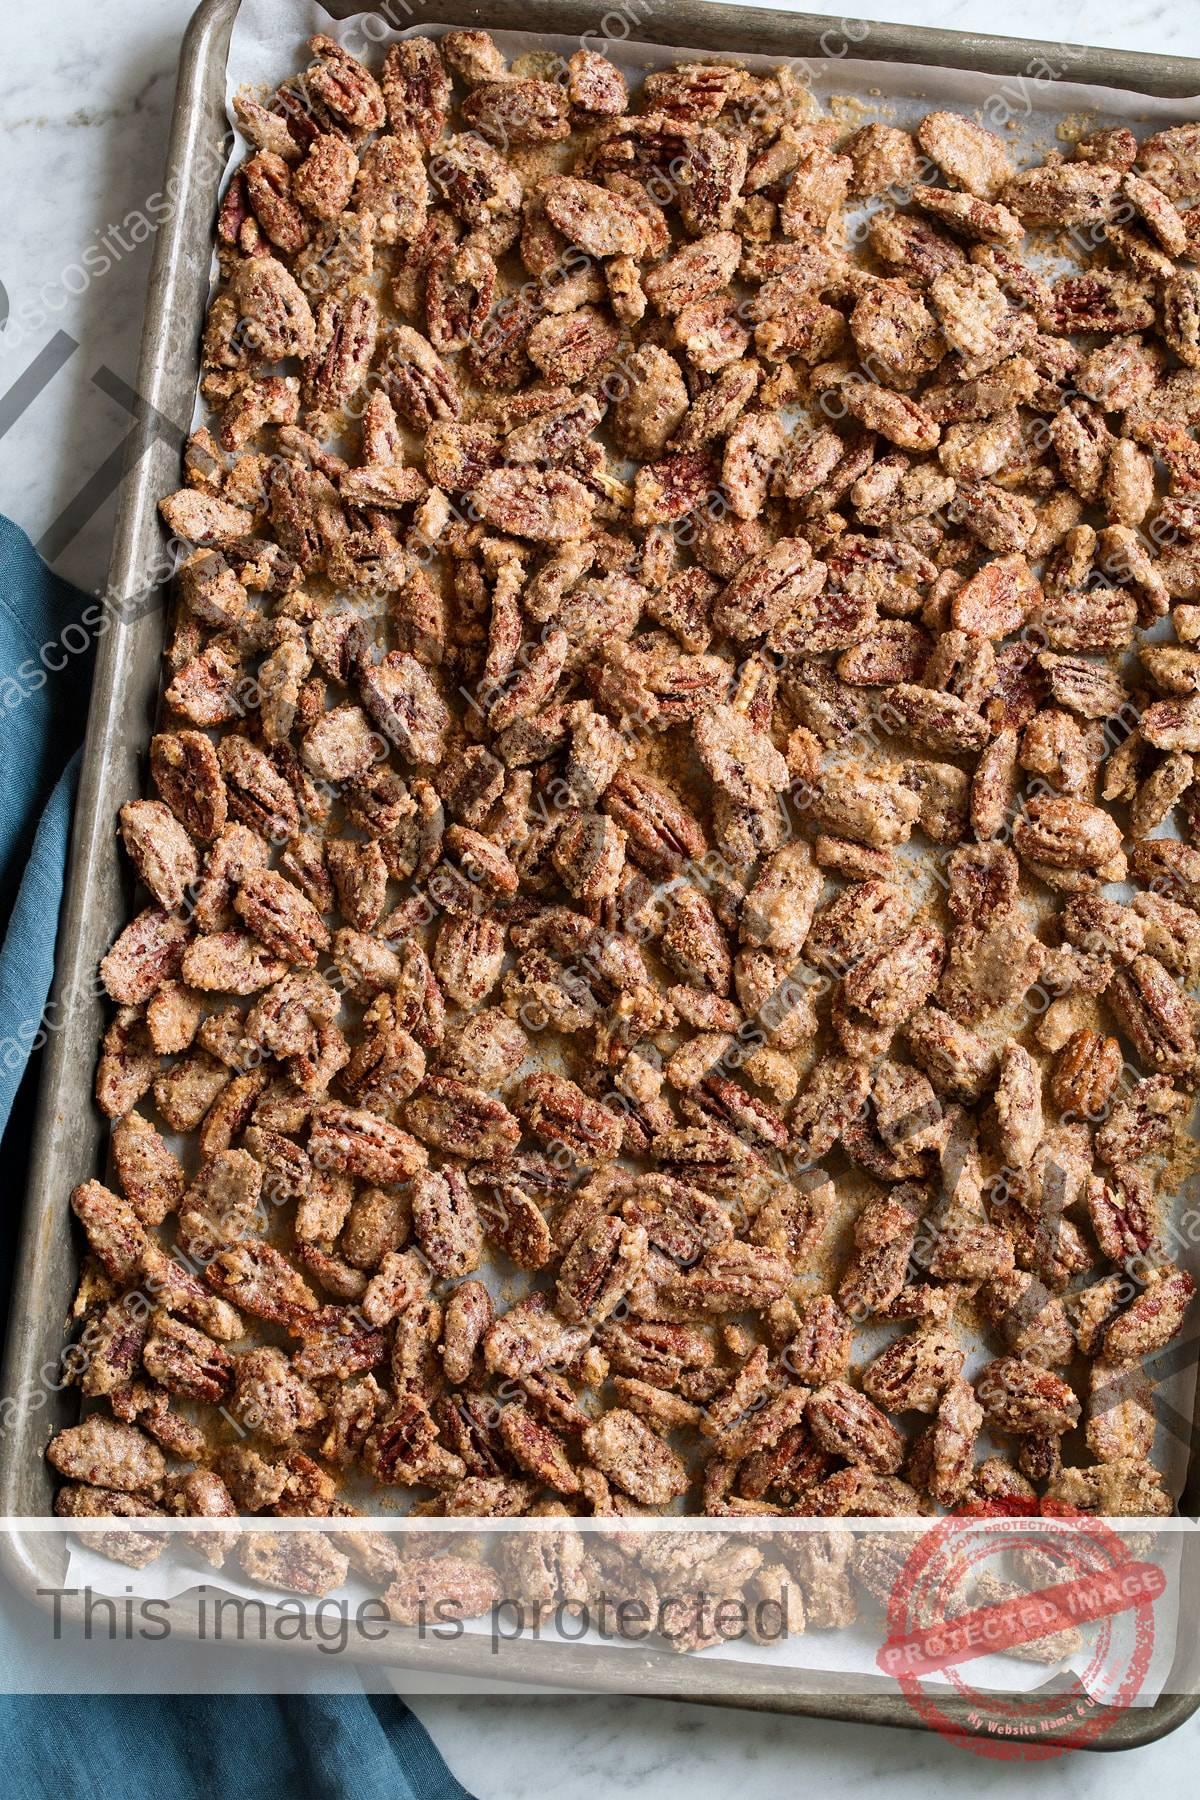 Nueces confitadas terminadas en una bandeja para hornear forrada con papel pergamino.